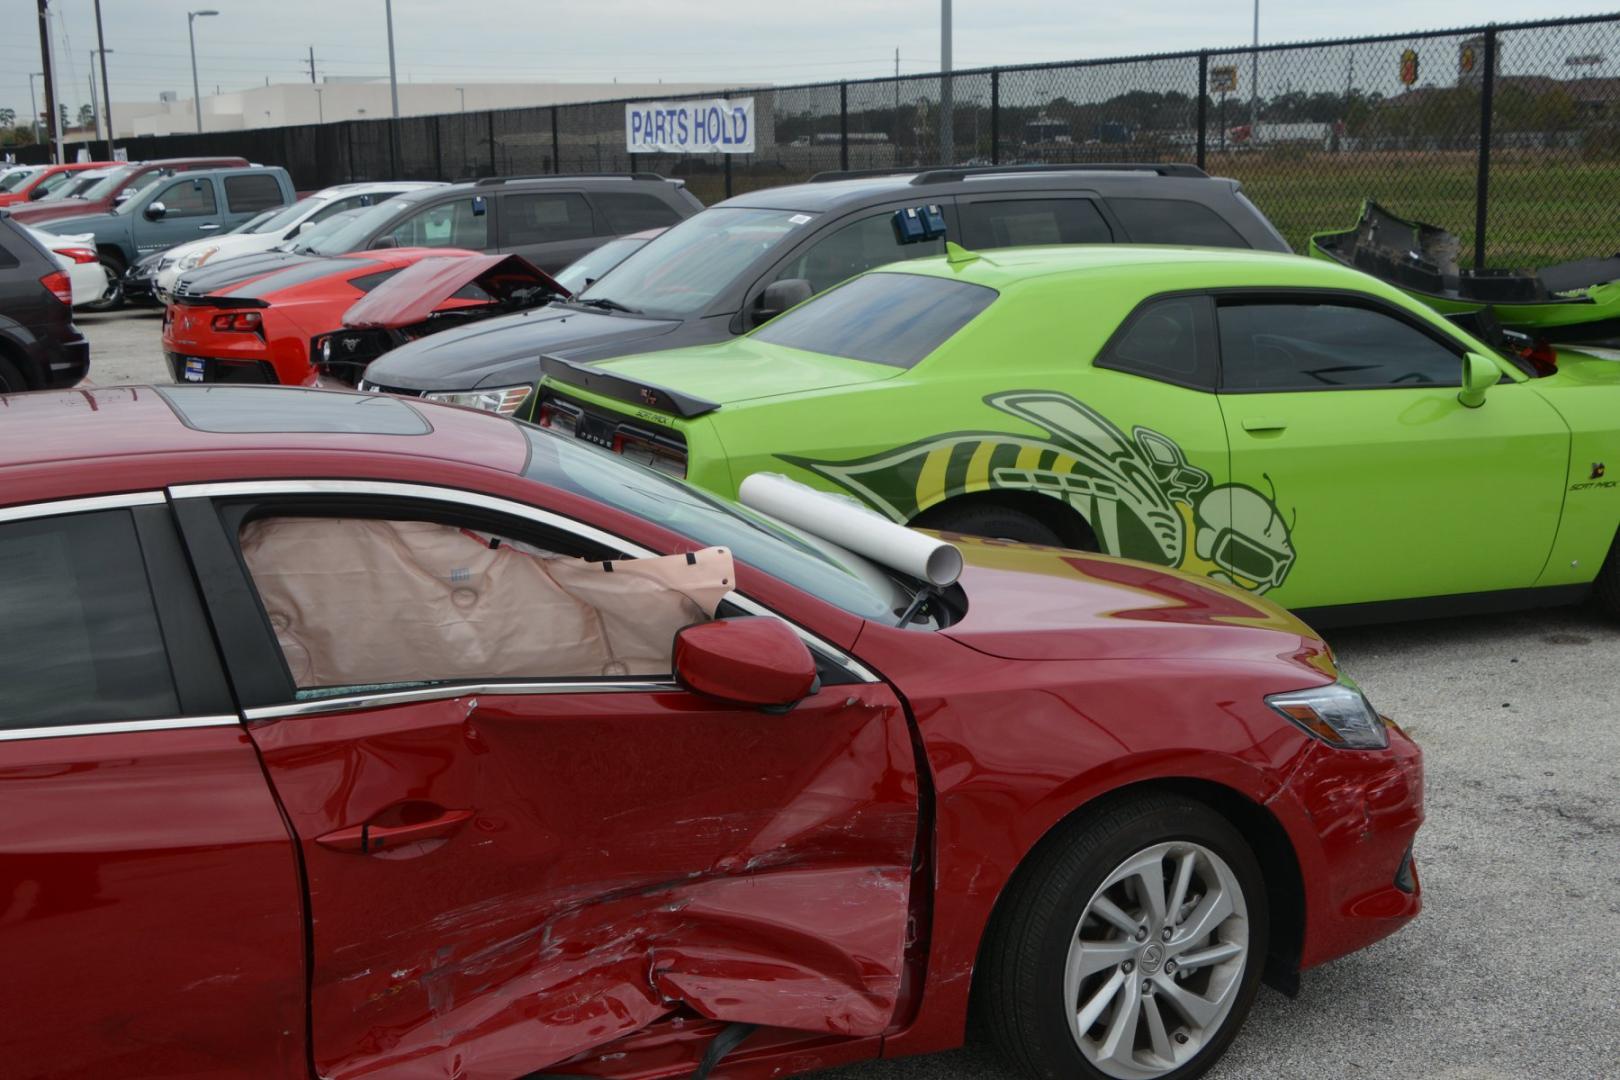 20 sportauto's gesloopt door tieners